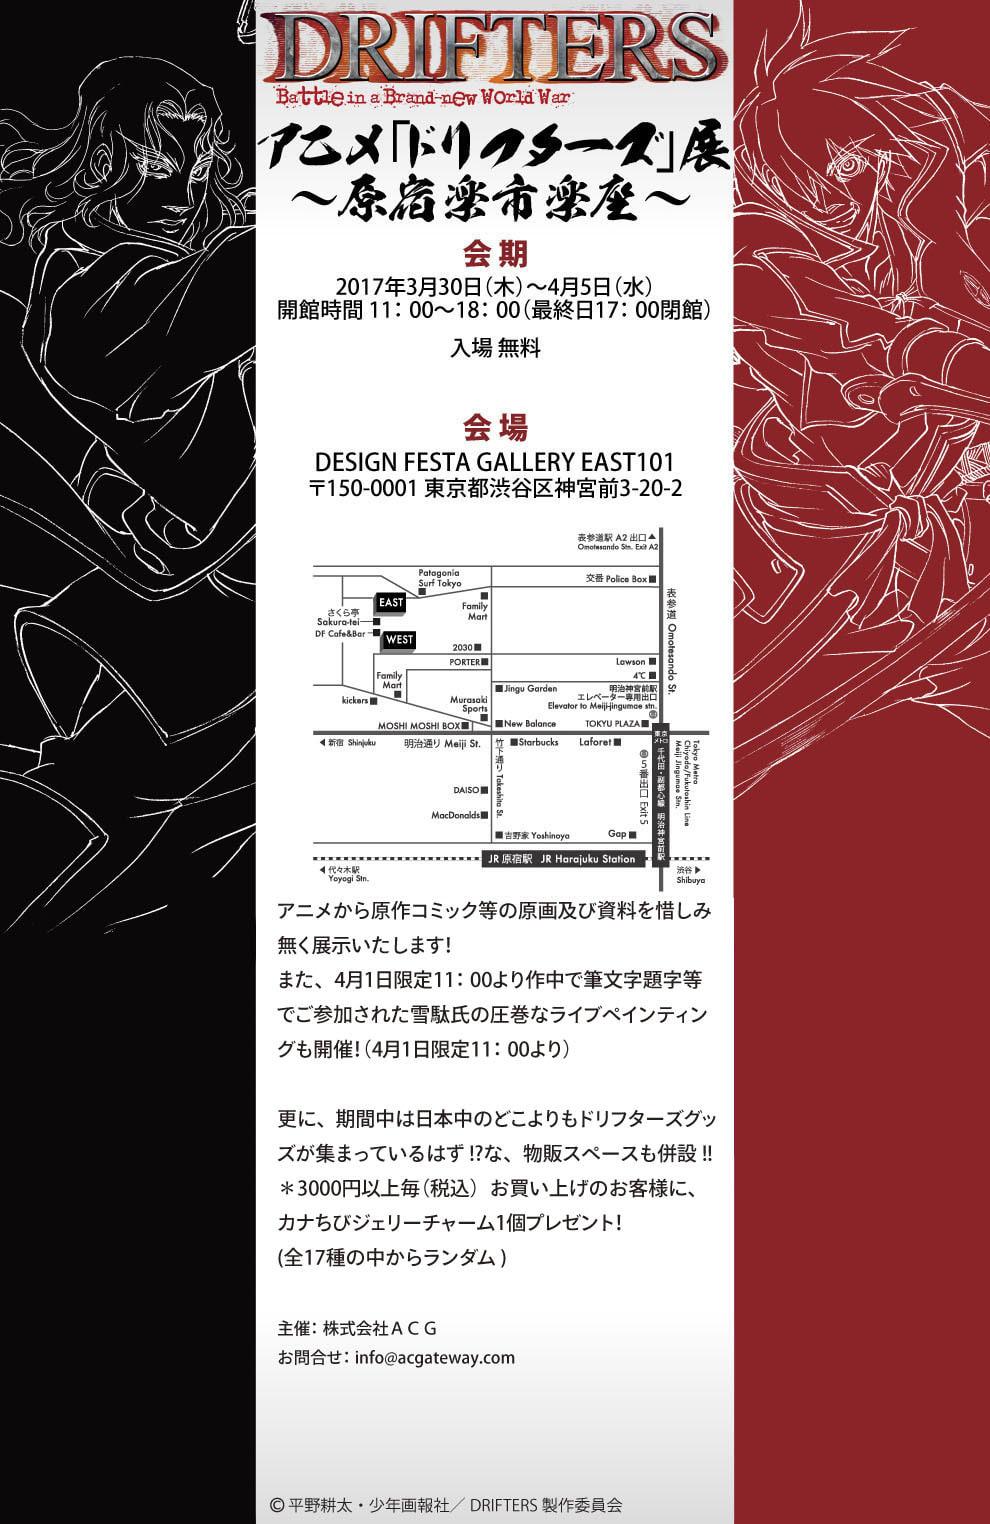 アニメ「ドリフターズ」展 〜原宿楽市楽座〜